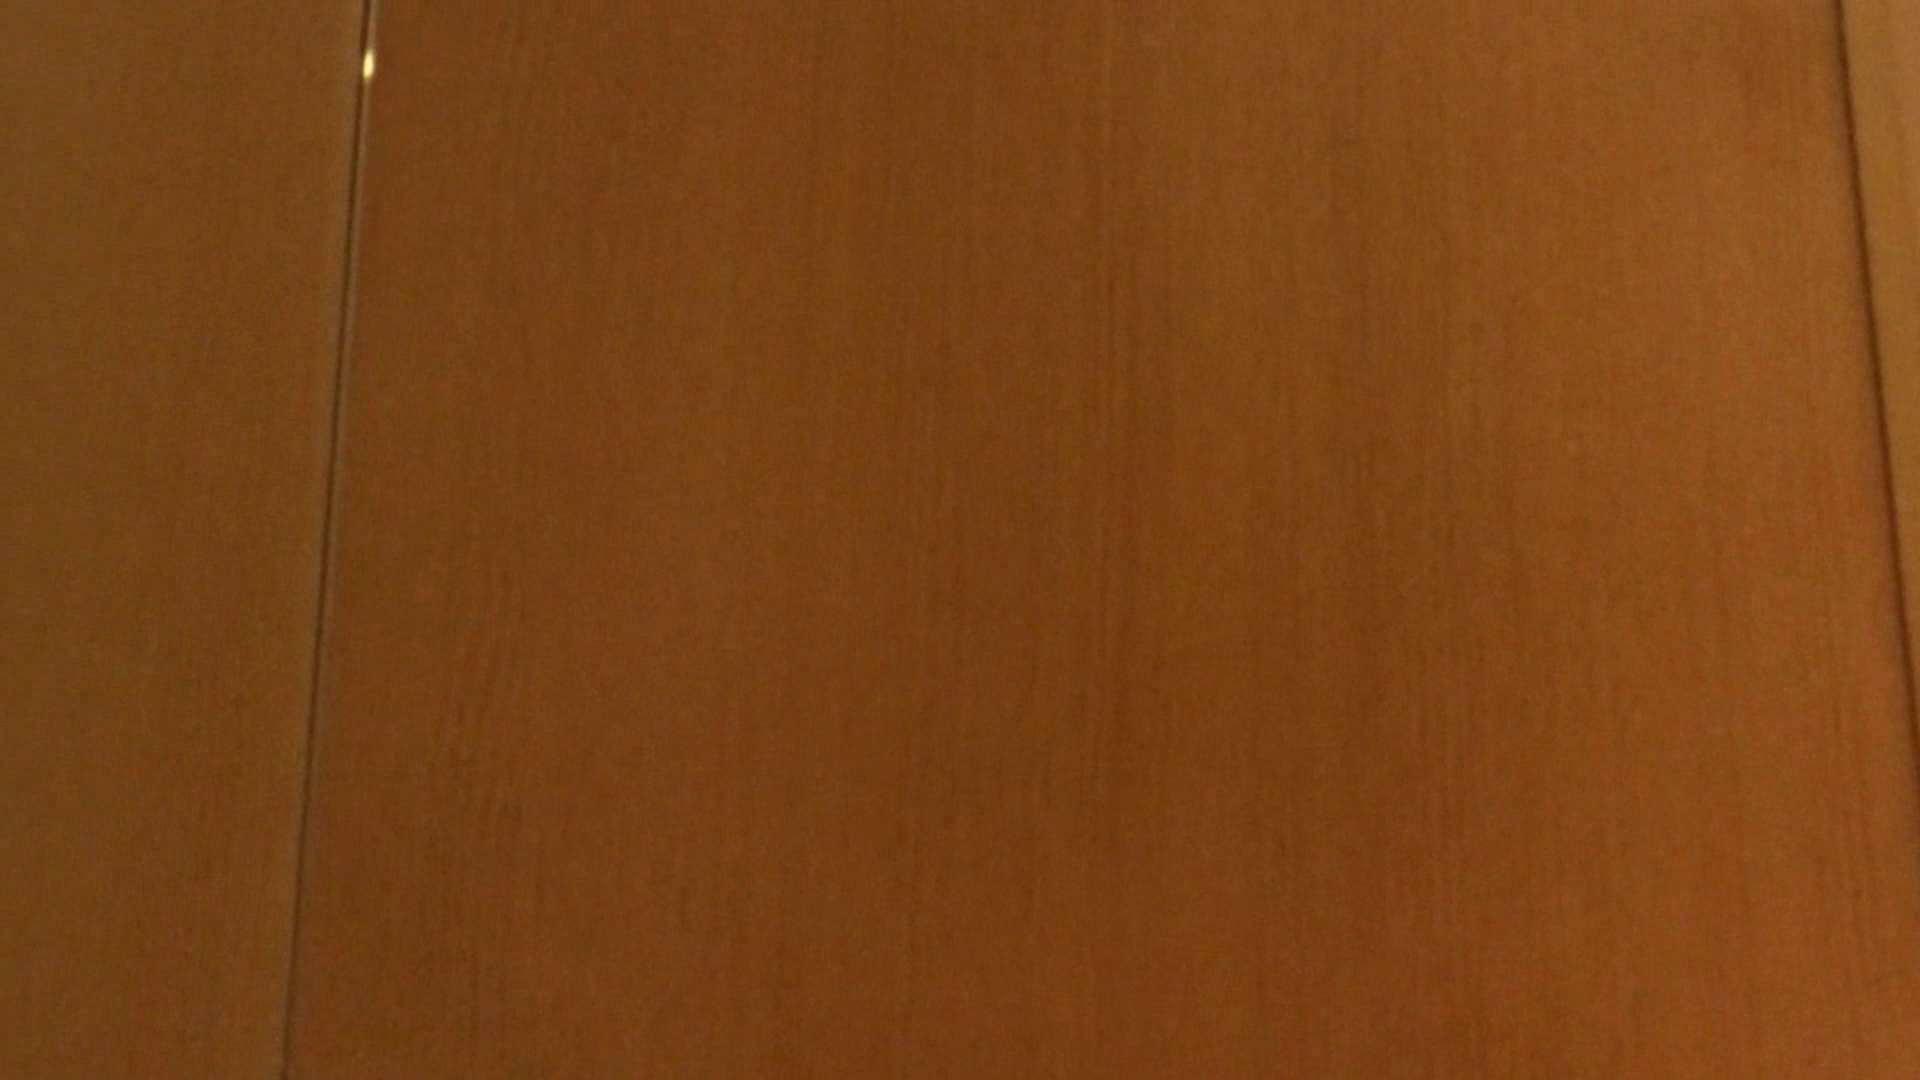 「噂」の国の厠観察日記2 Vol.08 OLハメ撮り  111Pix 81